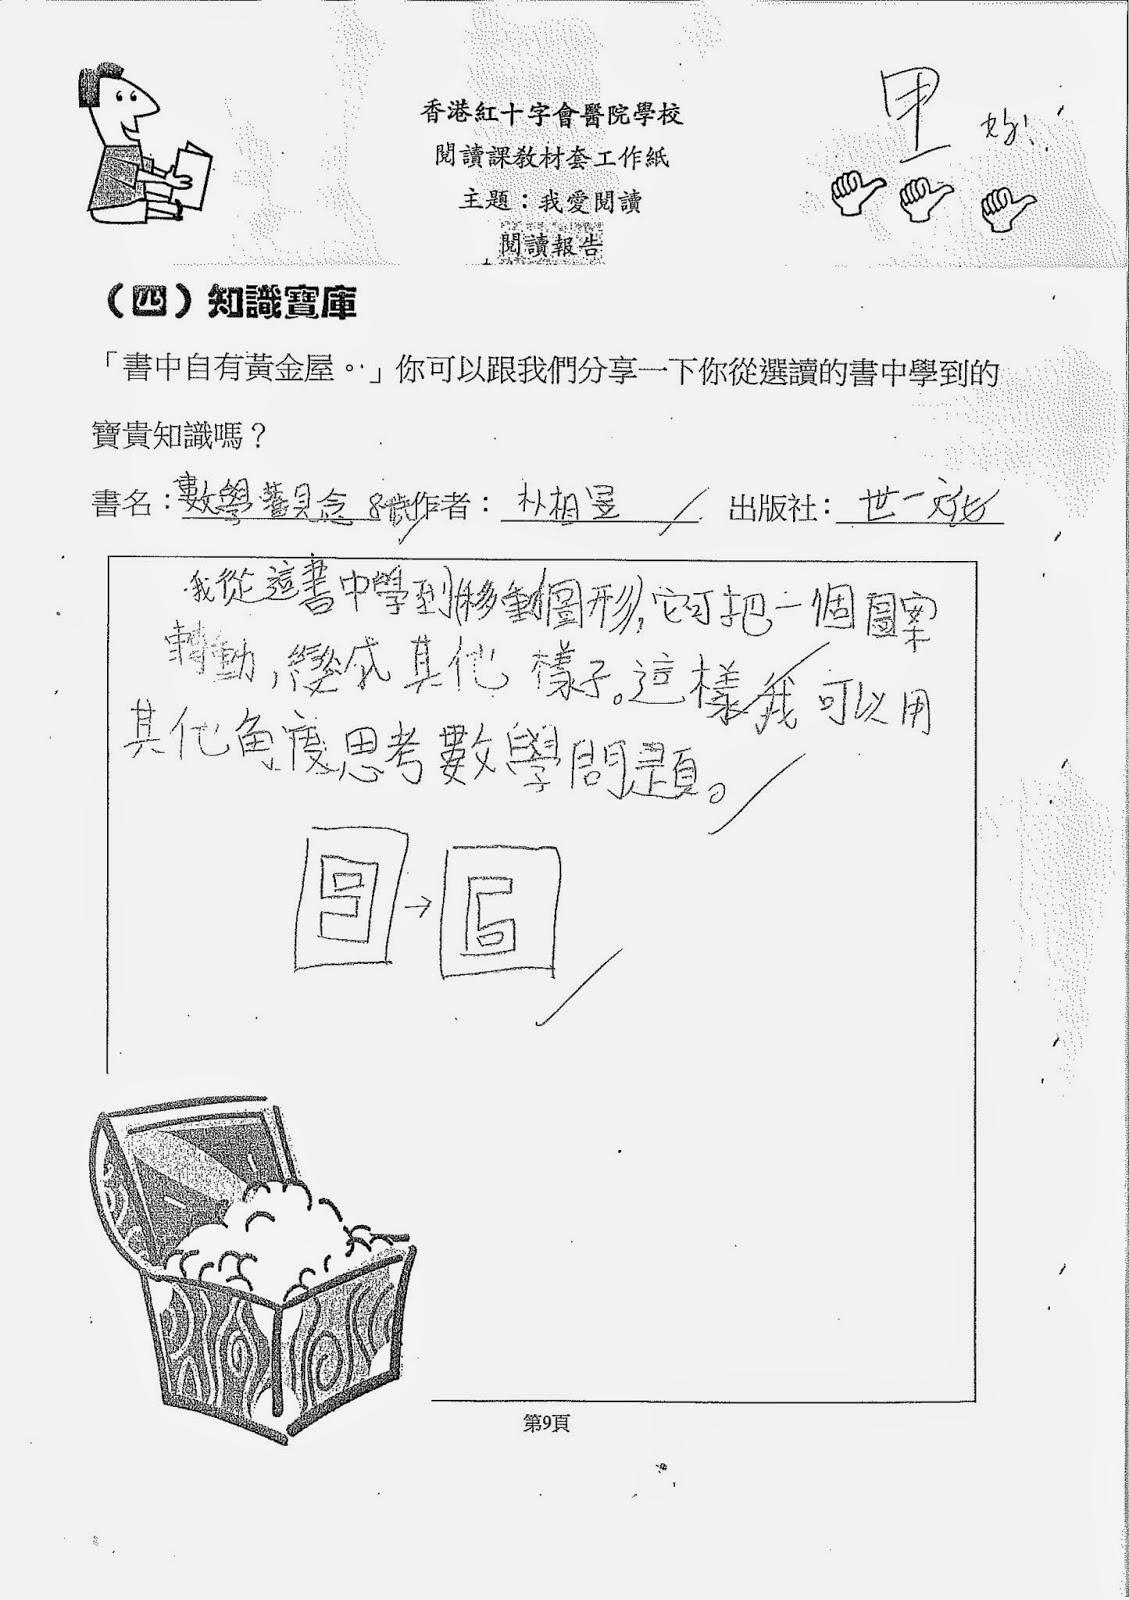 香港紅十字會醫院學校: 數學觀念 8-9歲